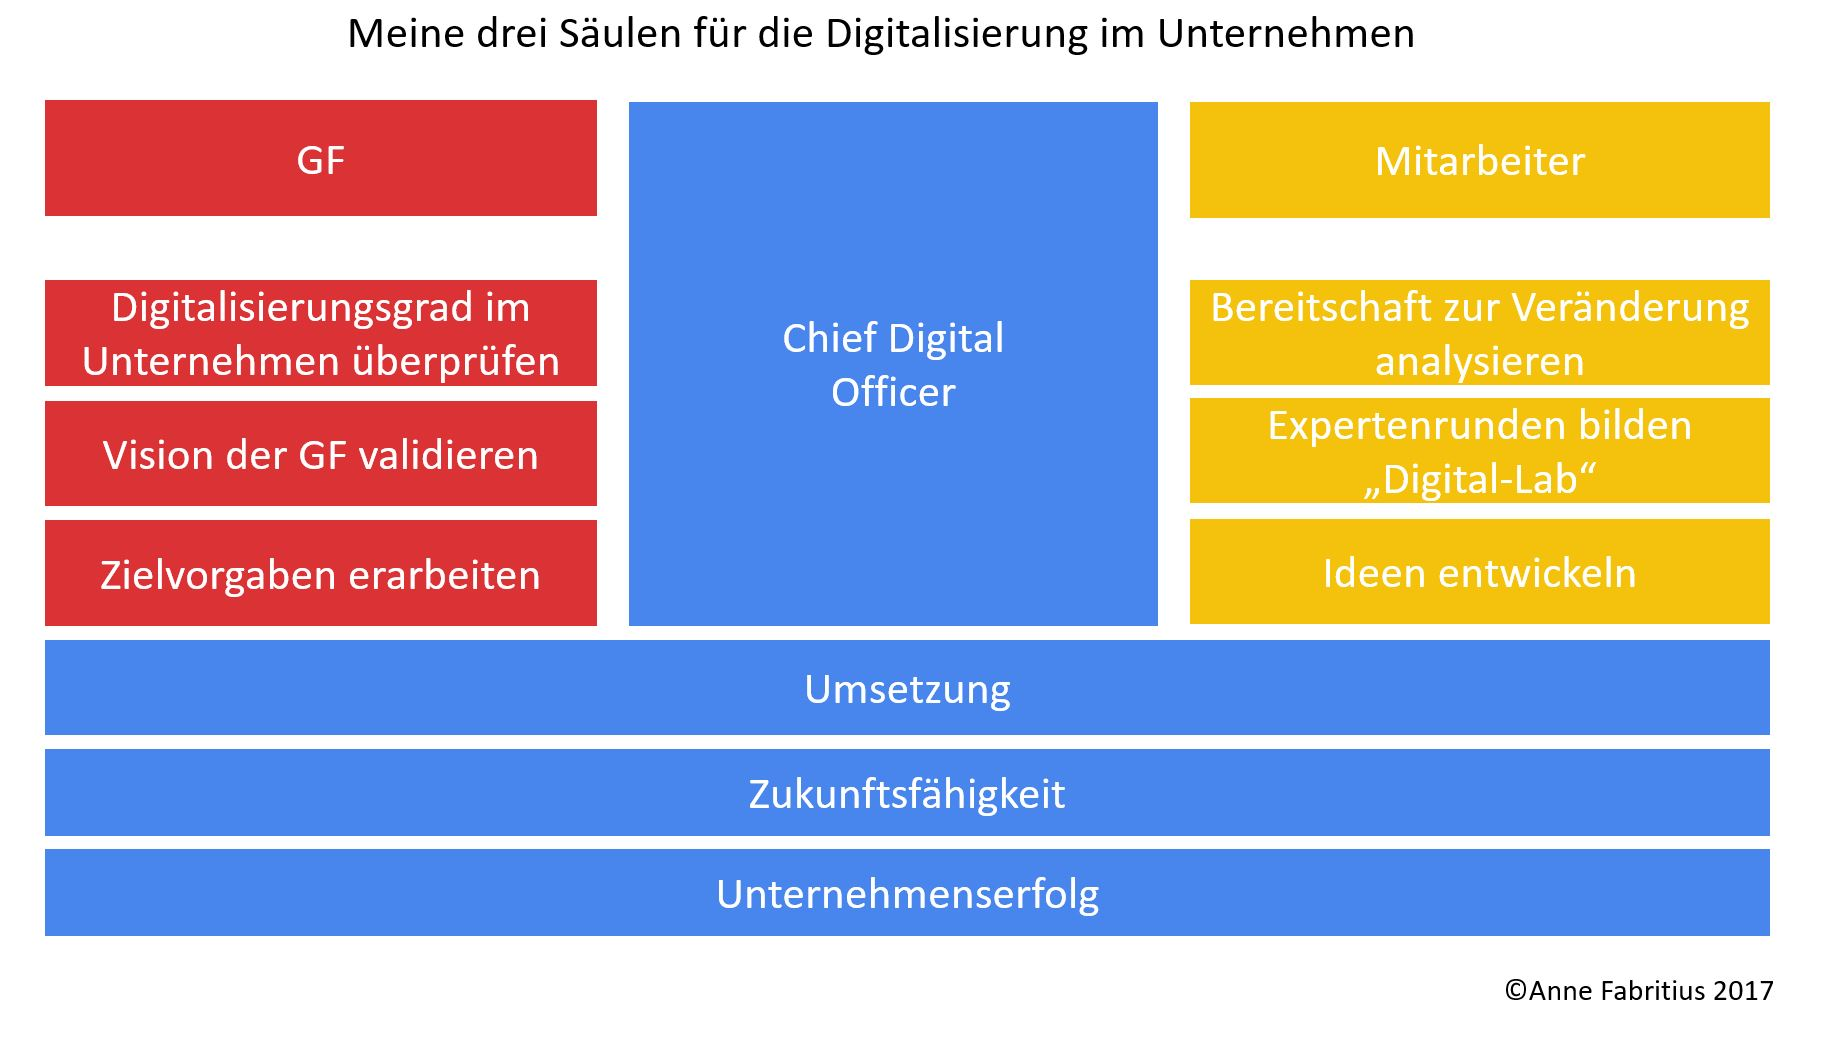 3 Säulen für mein Vorgehen  in der Digitalisierung